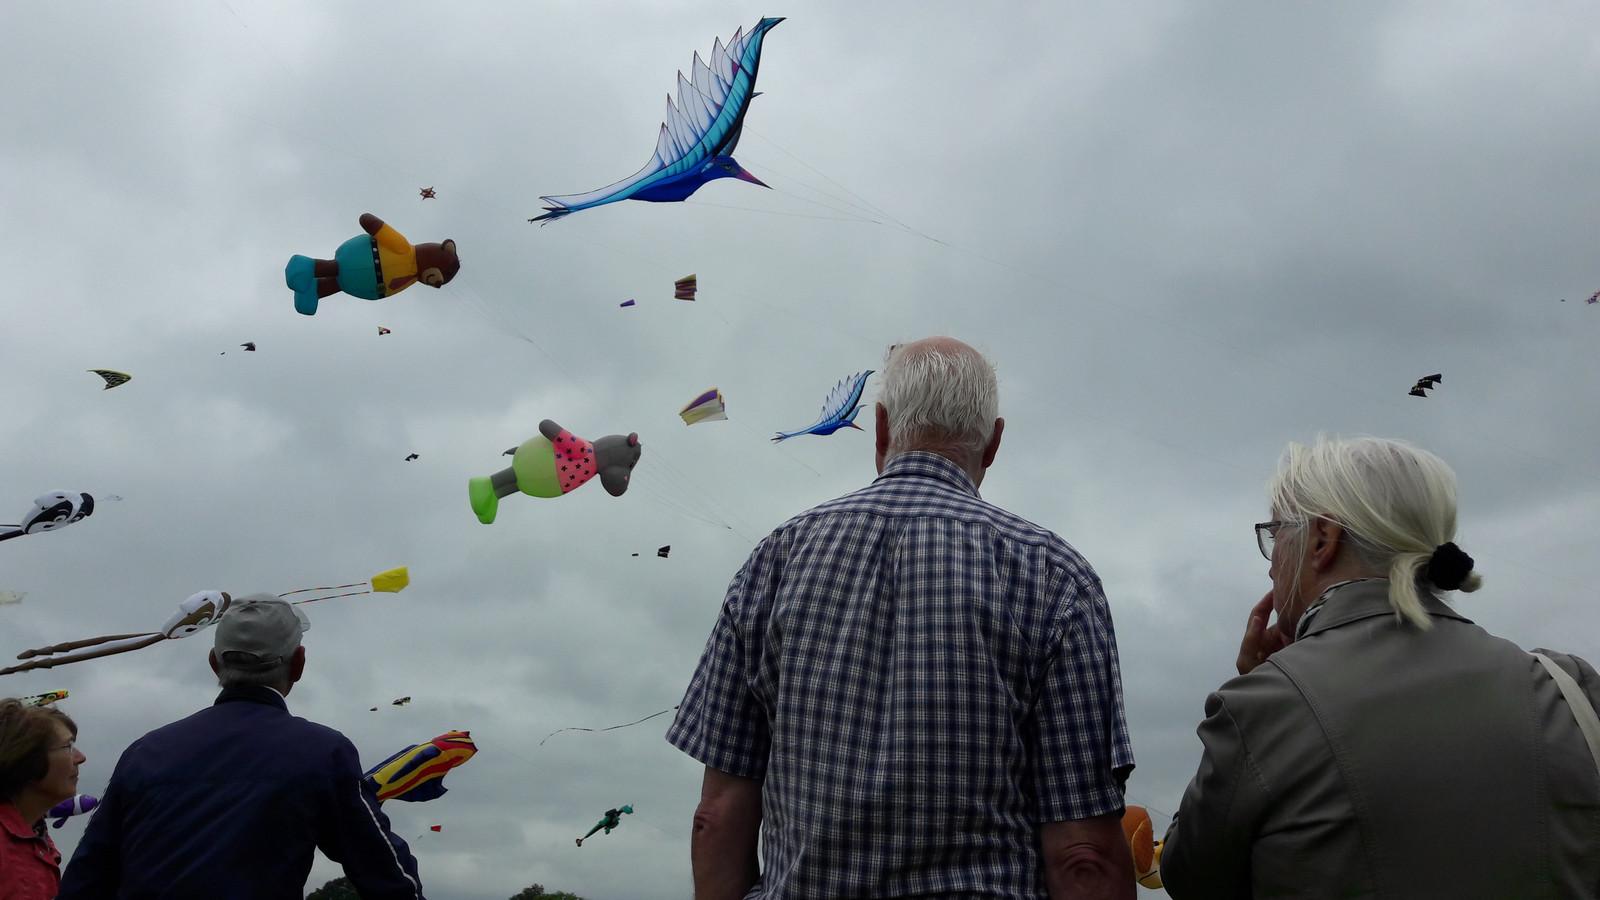 Vliegers boven Rijsbergen tijdens de Rijsbergse Vliegerdagen